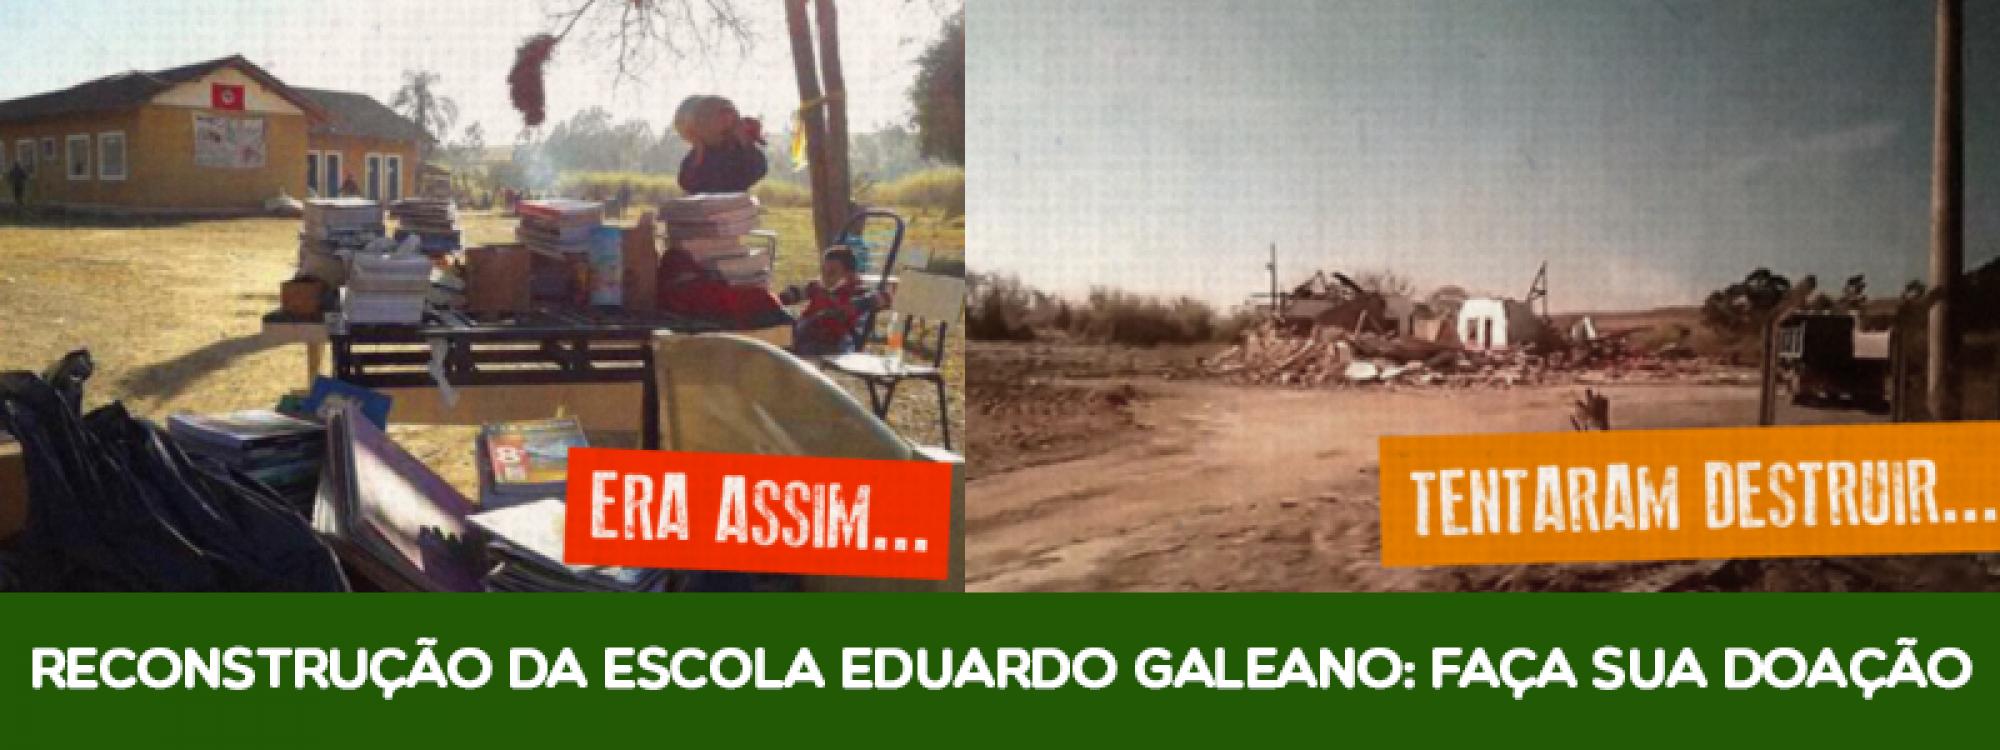 Campanha para a reconstrução da Escola Eduardo Galeano: saiba mais